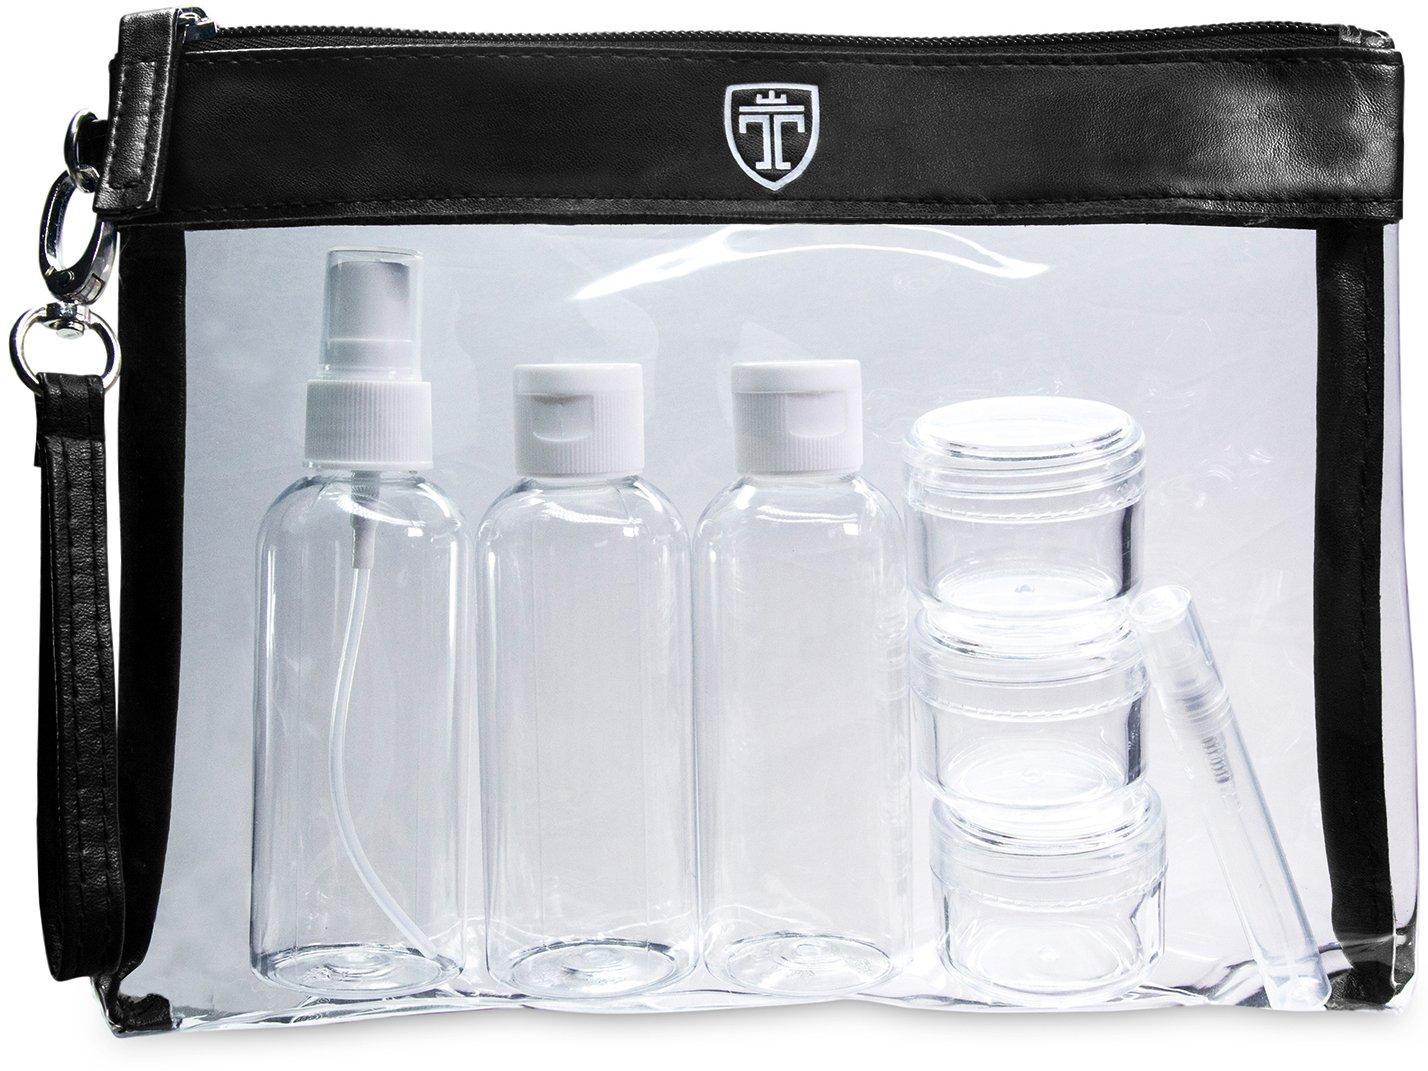 TRAVANDO ® Set da viaggio trasparente con 7 contenitori │ Kit da aereo con bottiglie da viaggio │ Contenitori per liquidi │Busta da viaggio, Set flaconi per cosmetici, Beauty case trasparente, Trousse